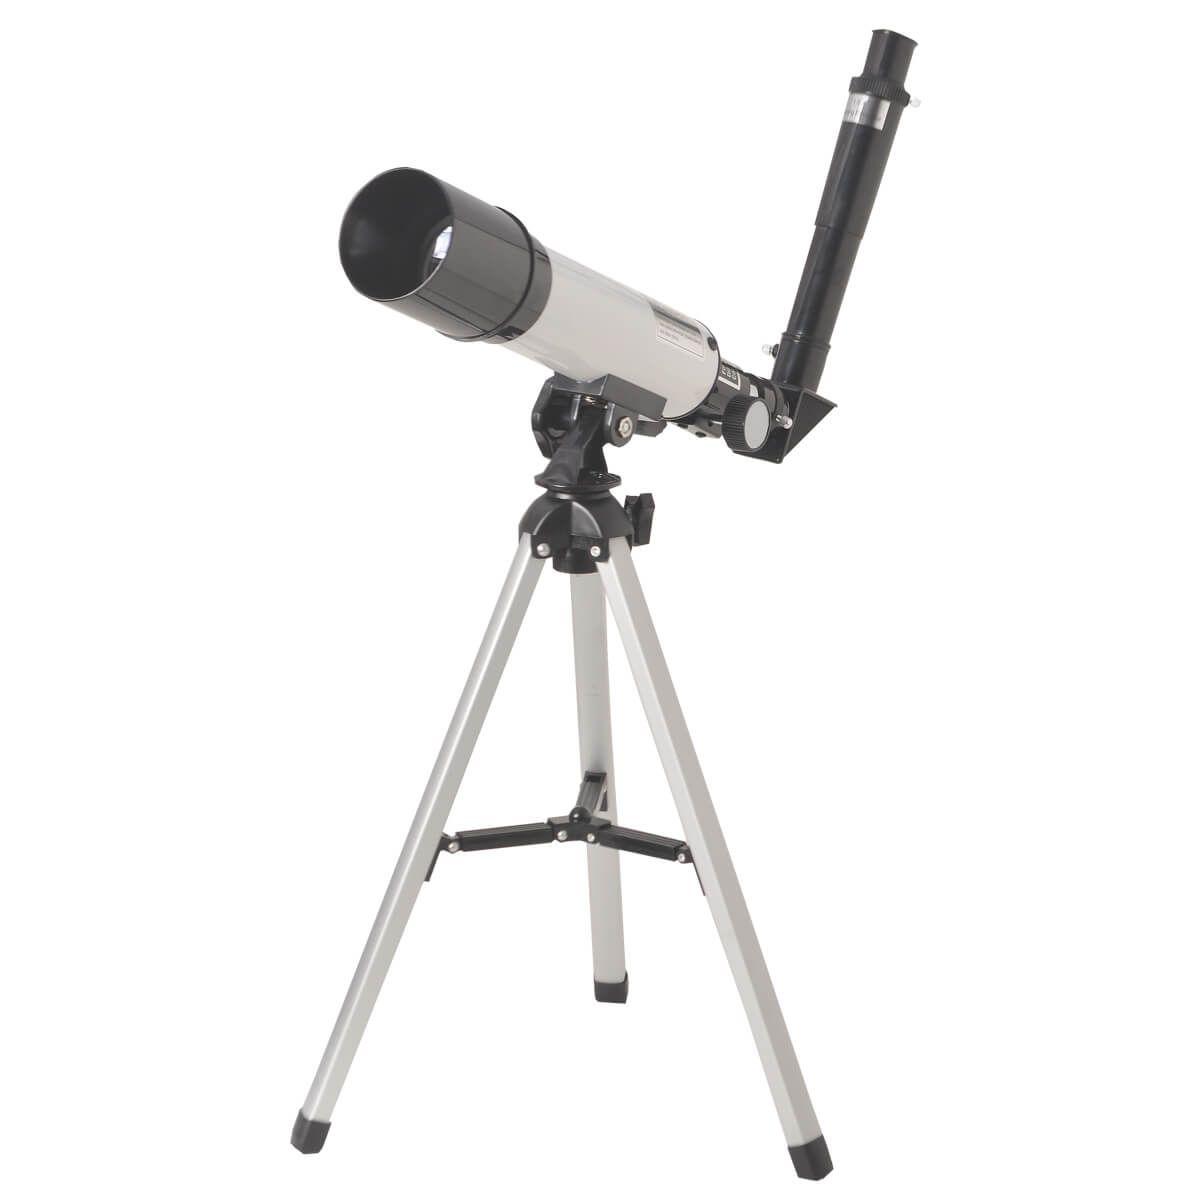 Kit Microscópio Biológico Monocular 70x Á 400x + Telescópio Astronômico 90x